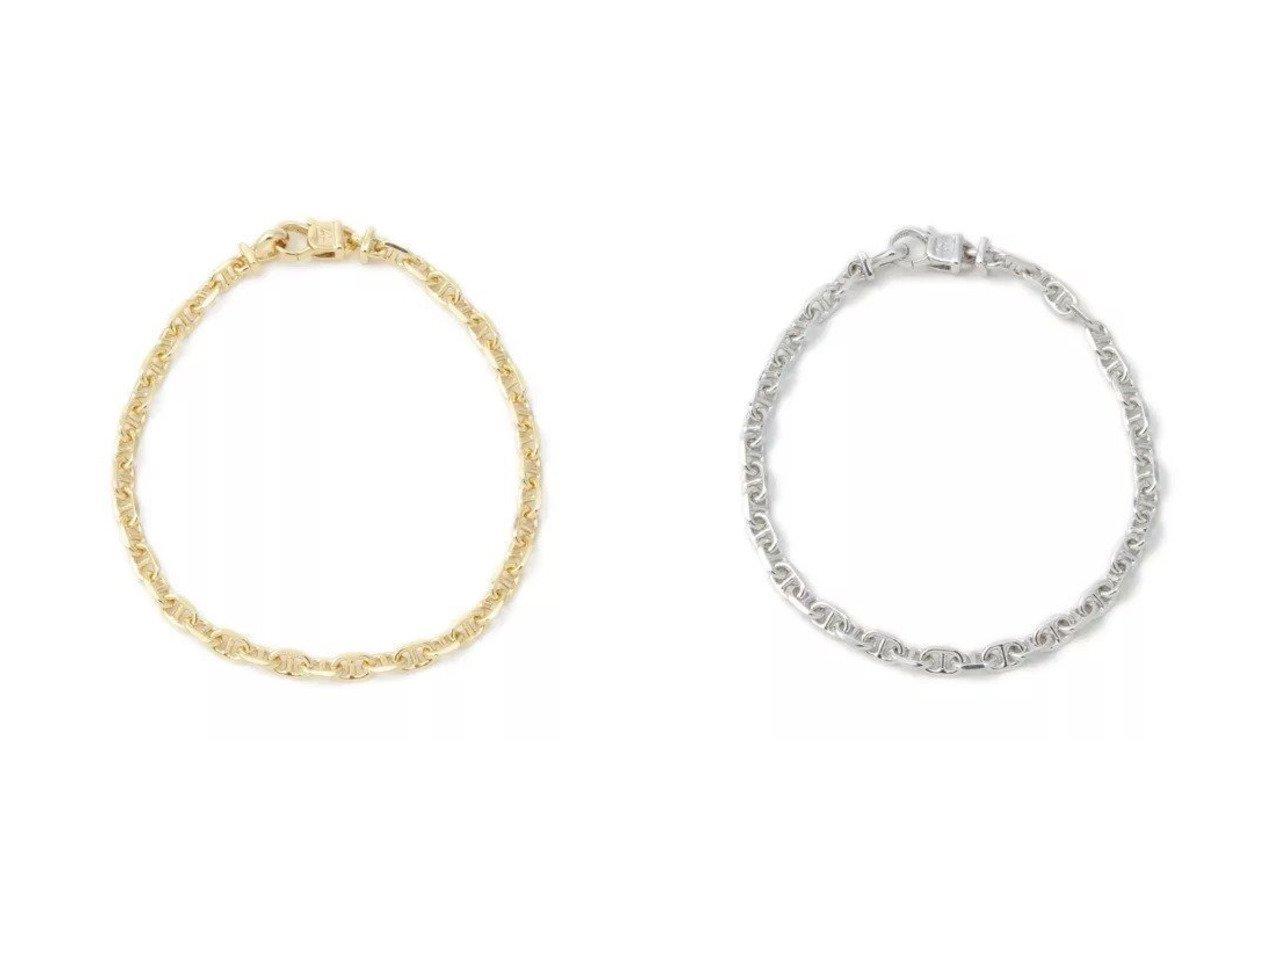 【TOM WOOD/トムウッド】のCable Bracelet&Cable Bracelet Gold おすすめ!人気、トレンド・レディースファッションの通販 おすすめで人気の流行・トレンド、ファッションの通販商品 インテリア・家具・メンズファッション・キッズファッション・レディースファッション・服の通販 founy(ファニー) https://founy.com/ ファッション Fashion レディースファッション WOMEN ジュエリー Jewelry ブレスレット Bracelets バングル Bangles アクセサリー チェーン フェミニン フォルム ブレスレット  ID:crp329100000062514